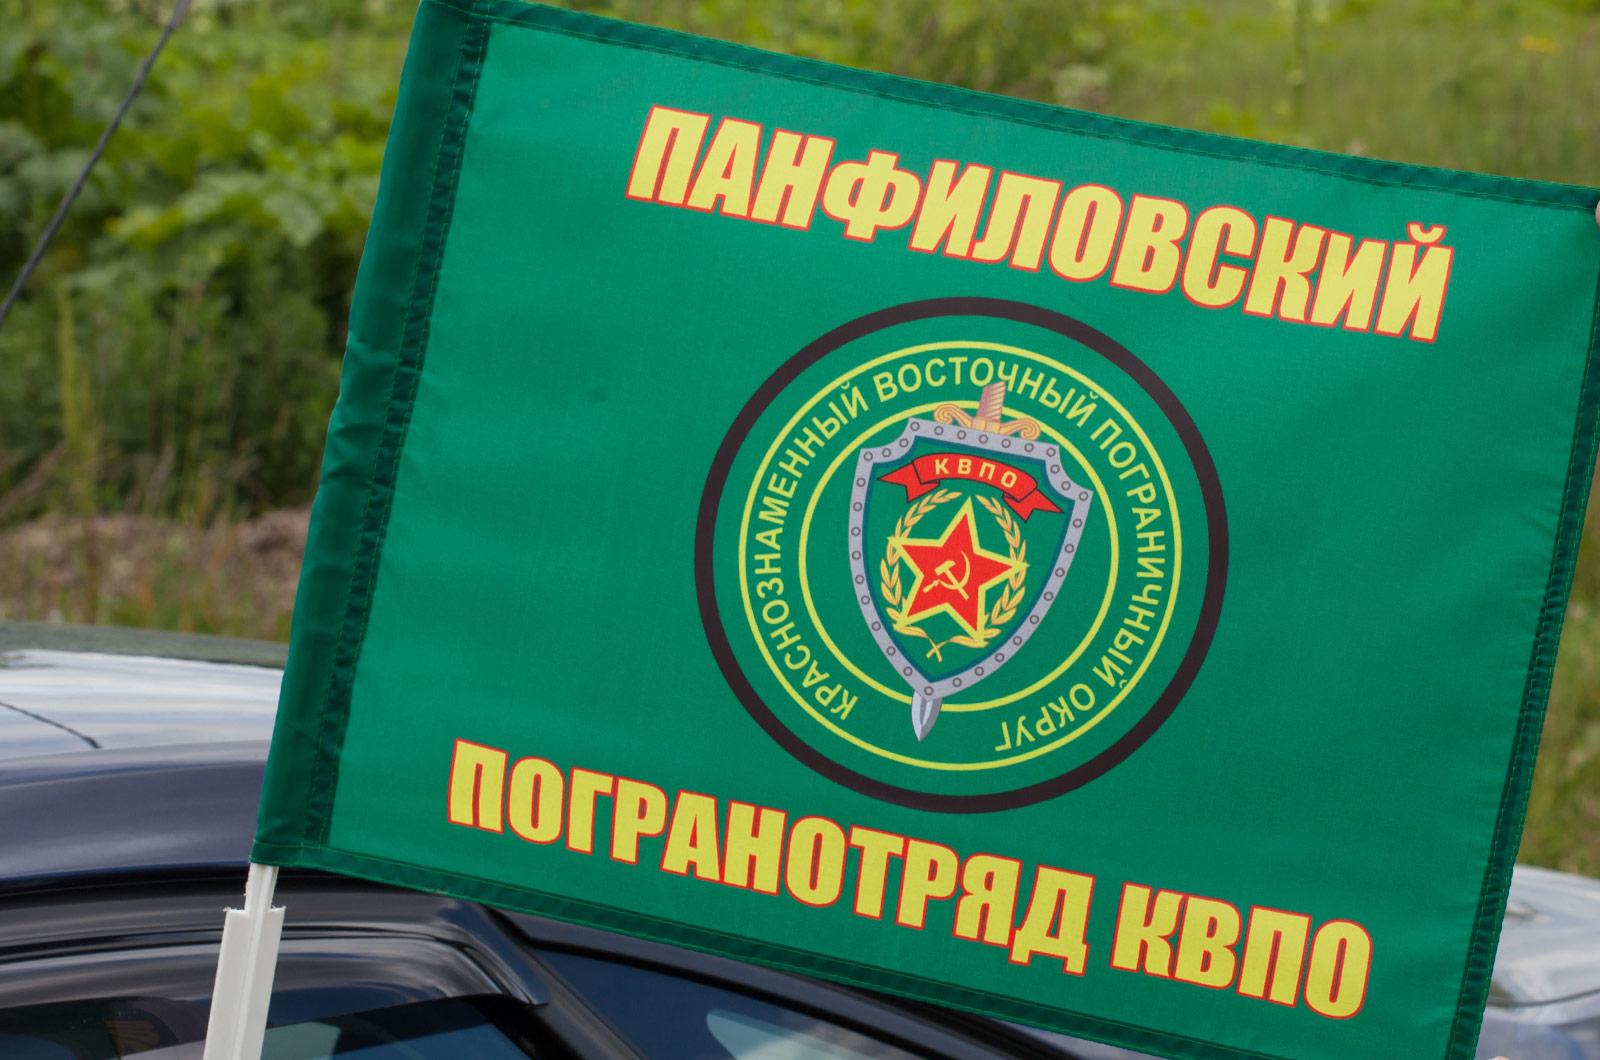 Флаг на машину «Панфиловский погранотряд»